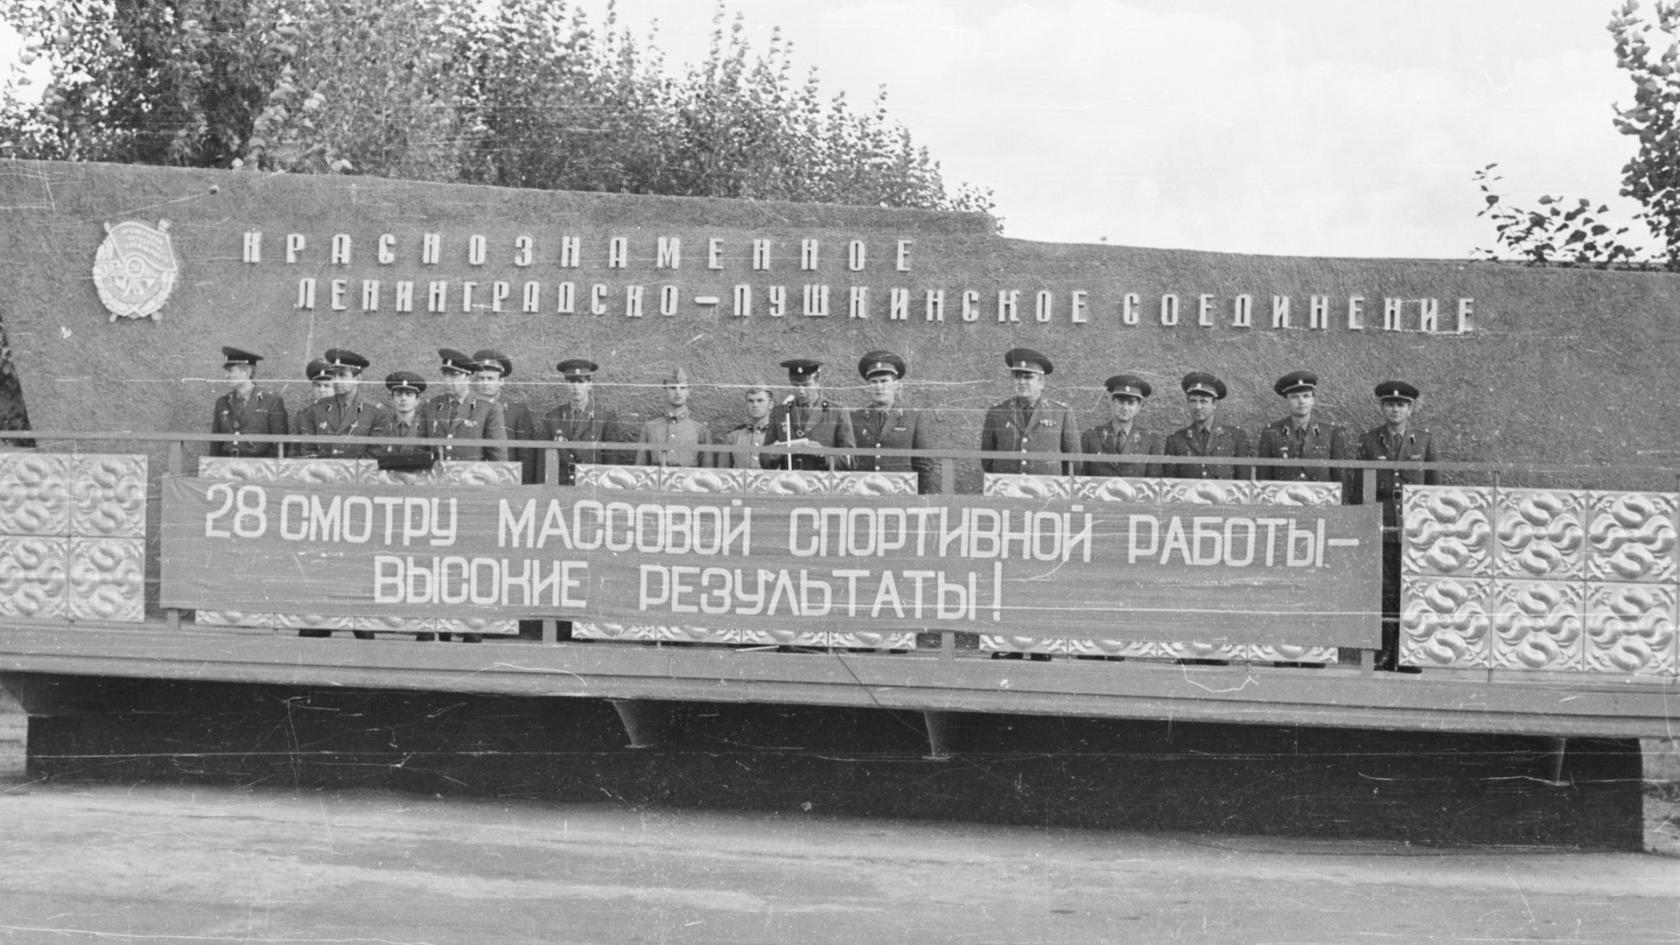 Командование дивизии на митинге в честь открытия 28 смотра спортивно-массовой работы 1988г.